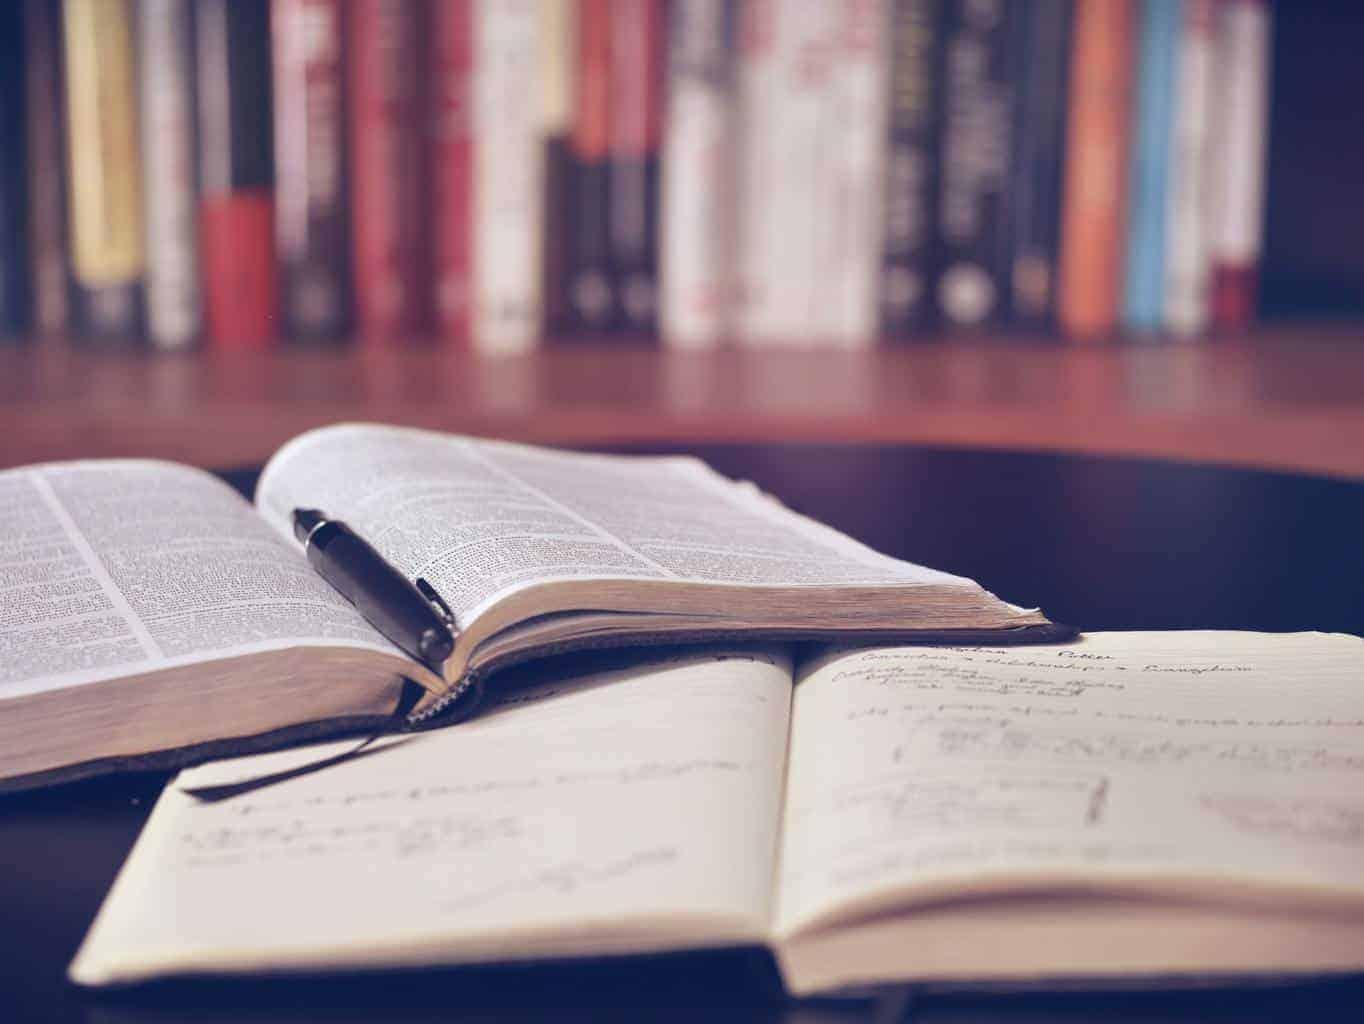 Amarchitrakatha-book-reading